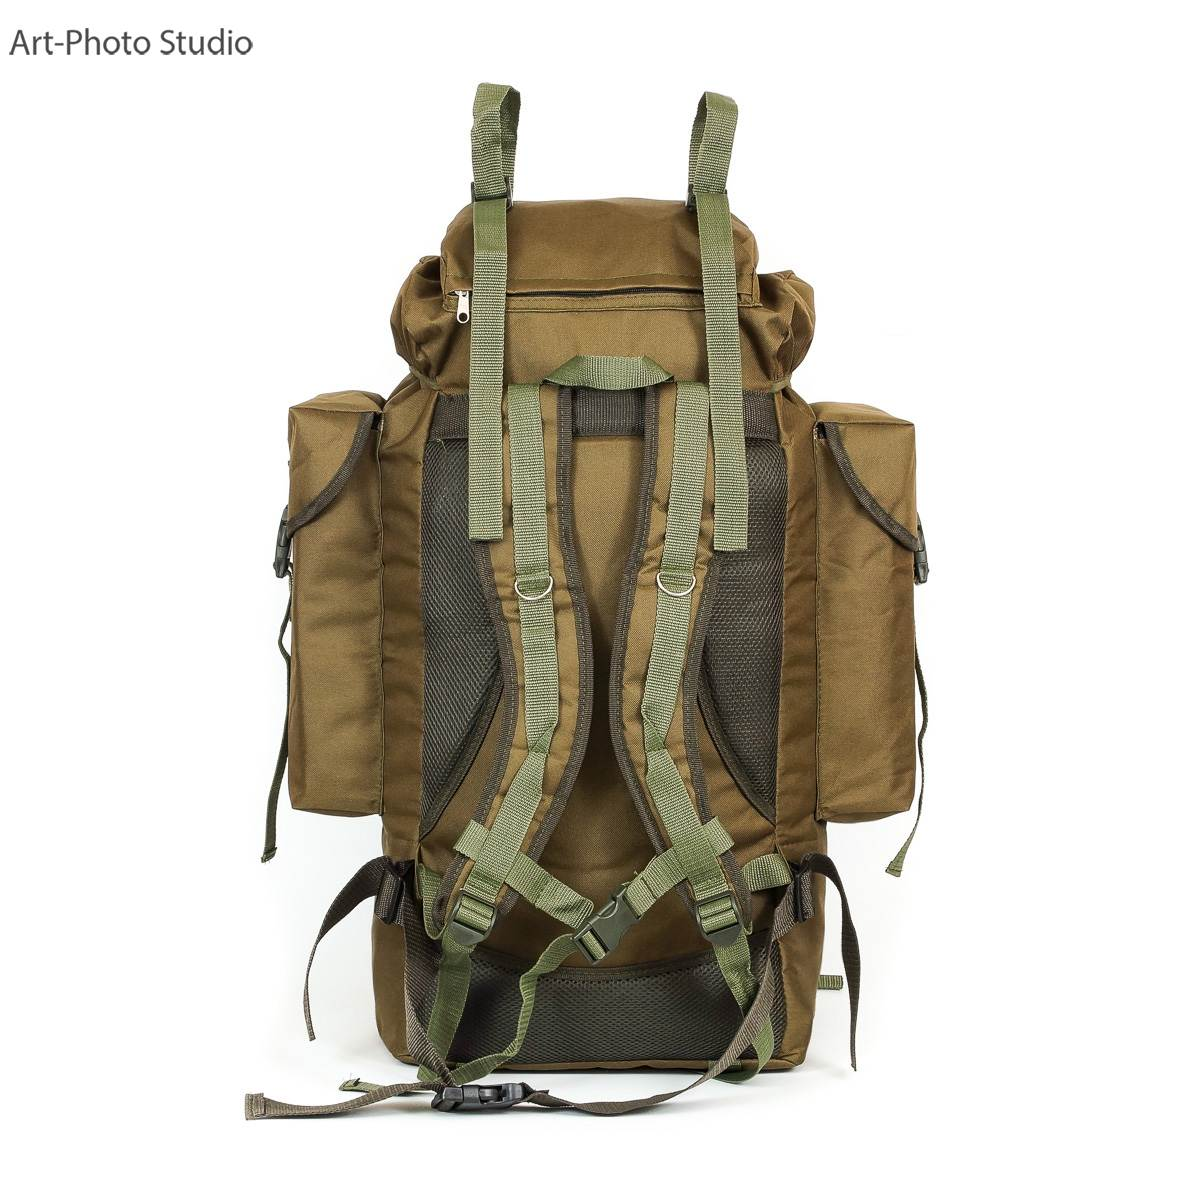 фото для каталога туристского универсального рюкзака цвета койот